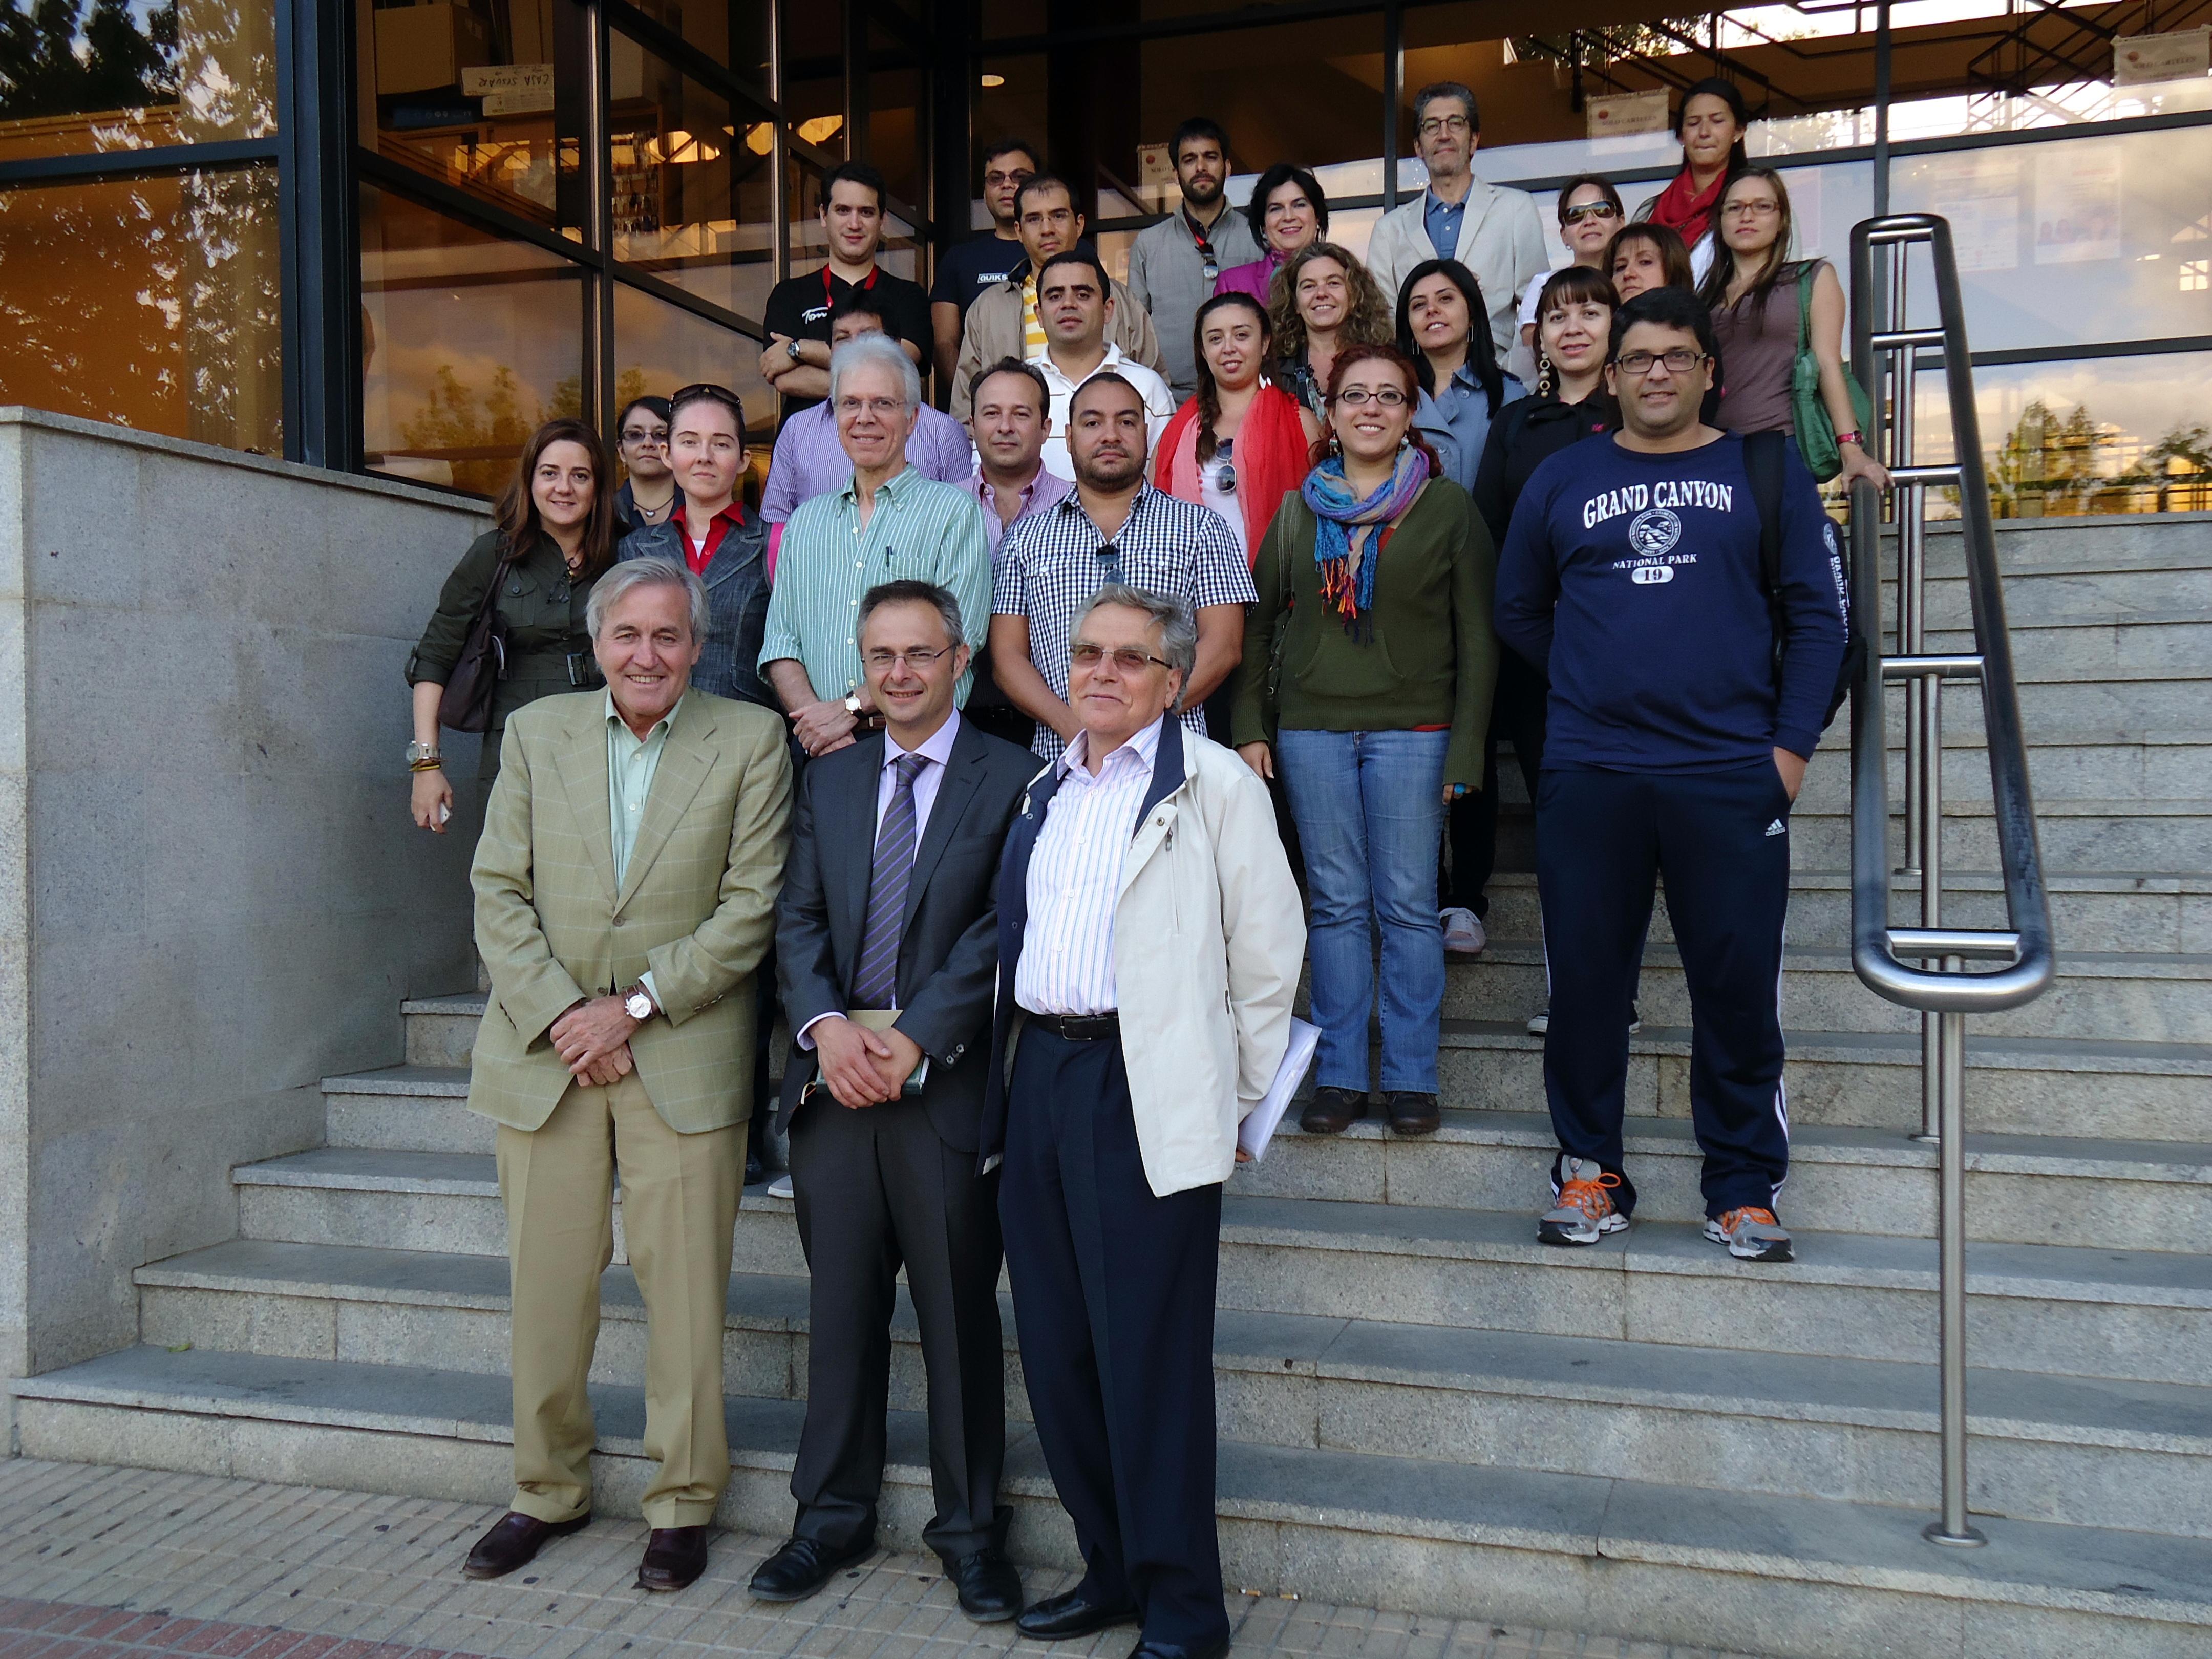 El decano de Derecho recibe a los estudiantes de la XXXI edición de los Cursos de Especialización en Derecho